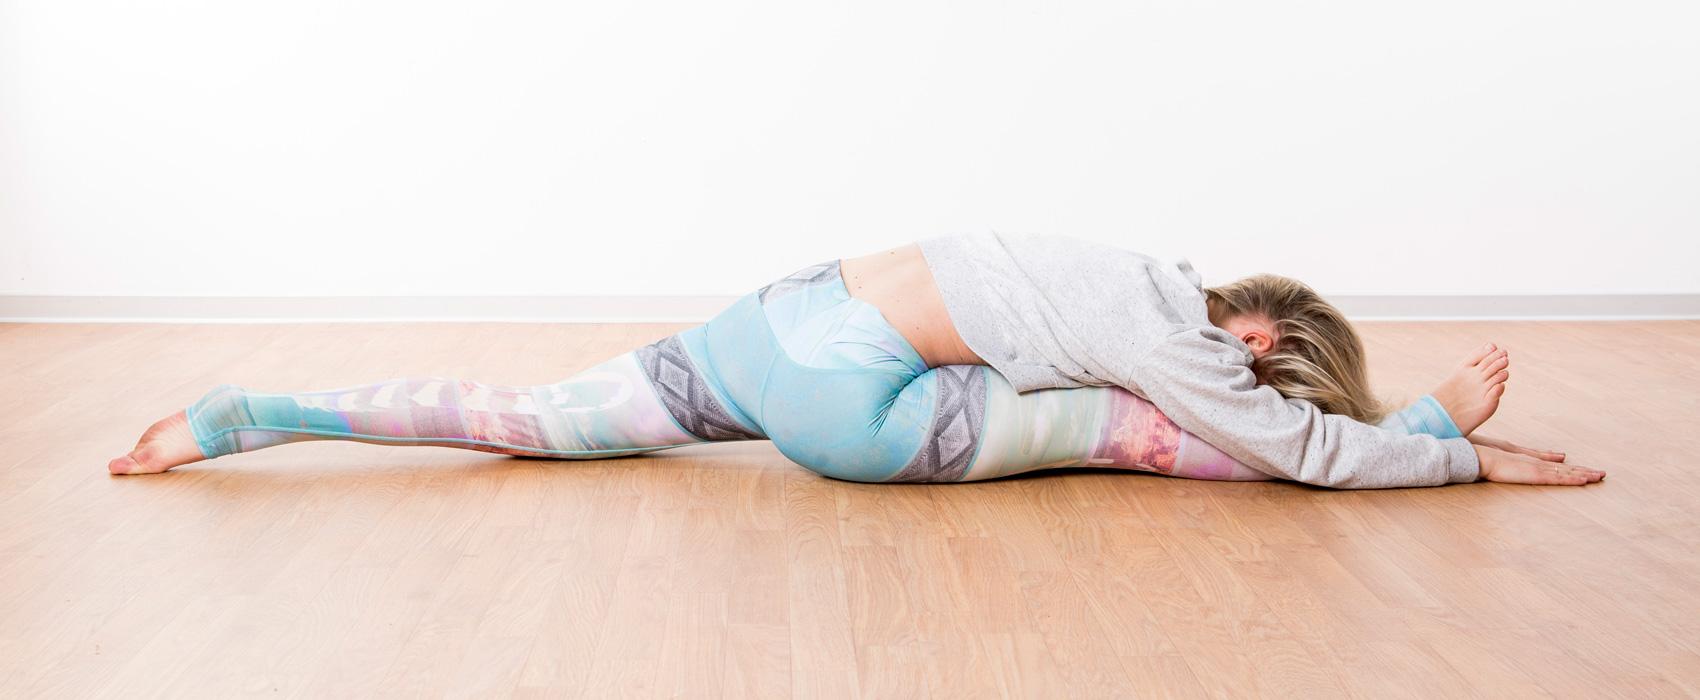 O.MY.YOGA Ulm, Langenau, Anna Altrichter Yoga Lehrerin Ashtanga/Hatha und RYT500h aus Ulm. Yoga Kurse für Asthanga, Vinyasa und Hatha. Yoga Kurse für Firmen, Kooperationen mit Firmen.